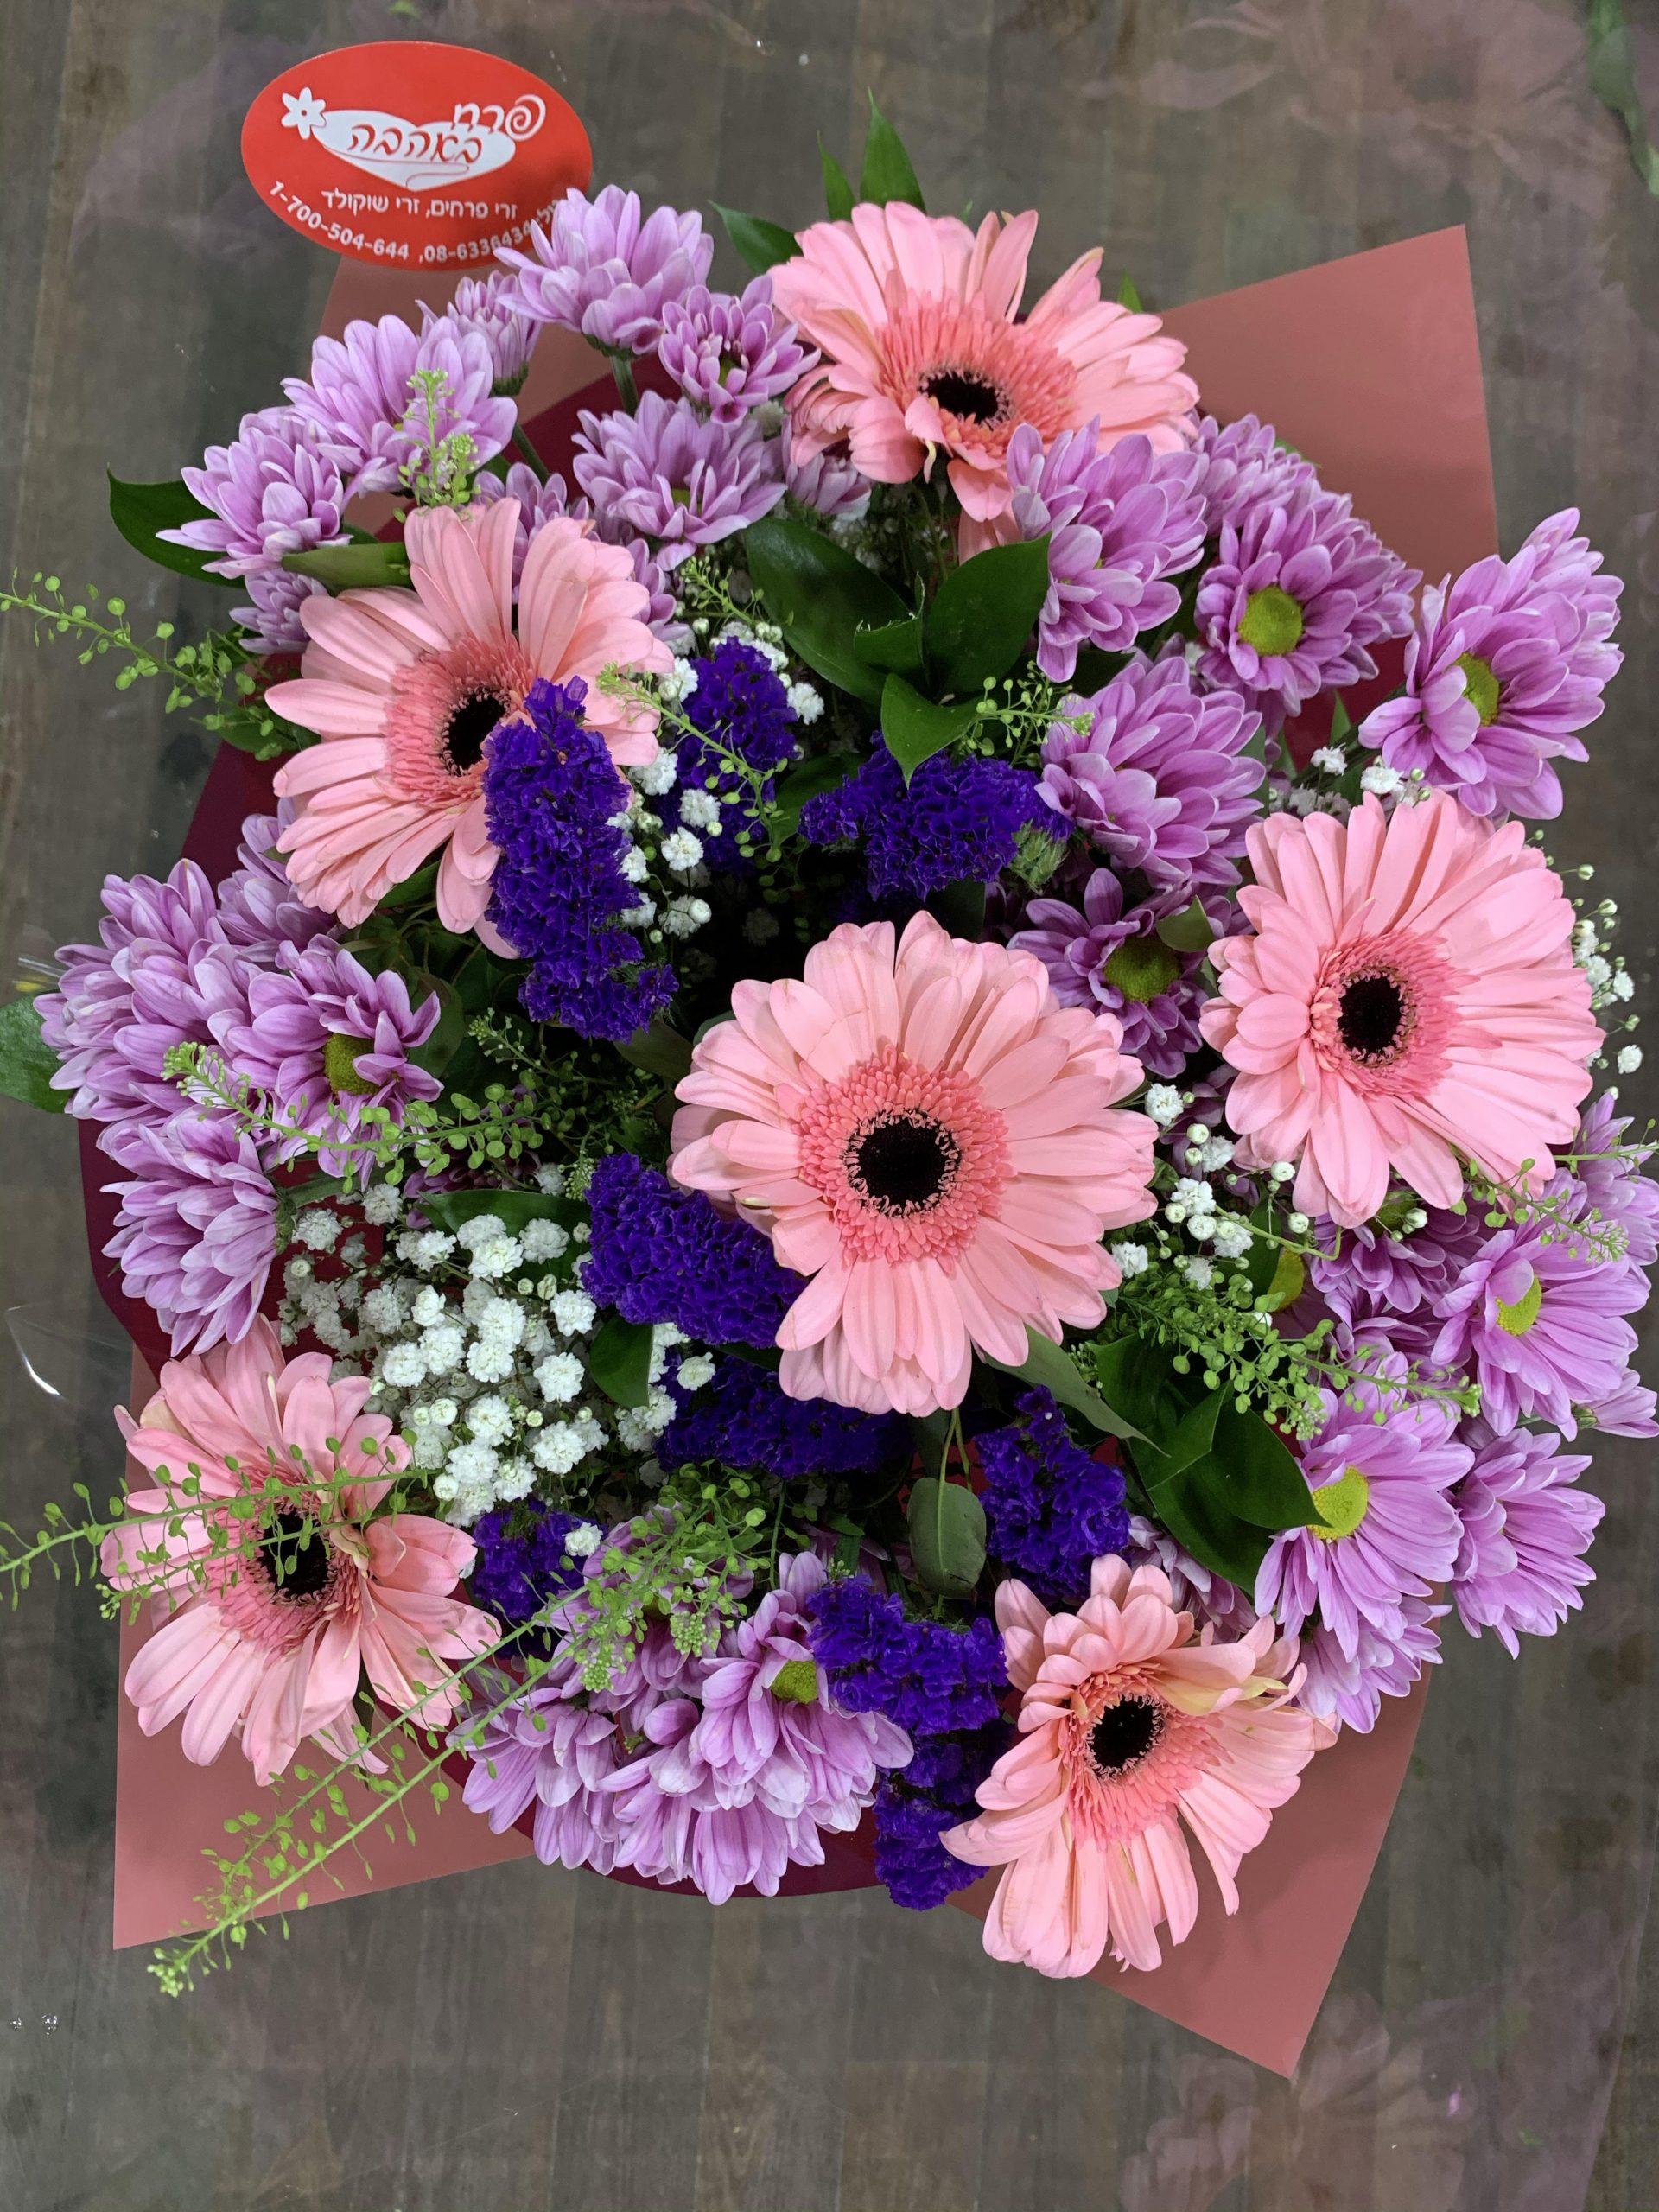 ורוד סגול - פרח באהבה - אילת